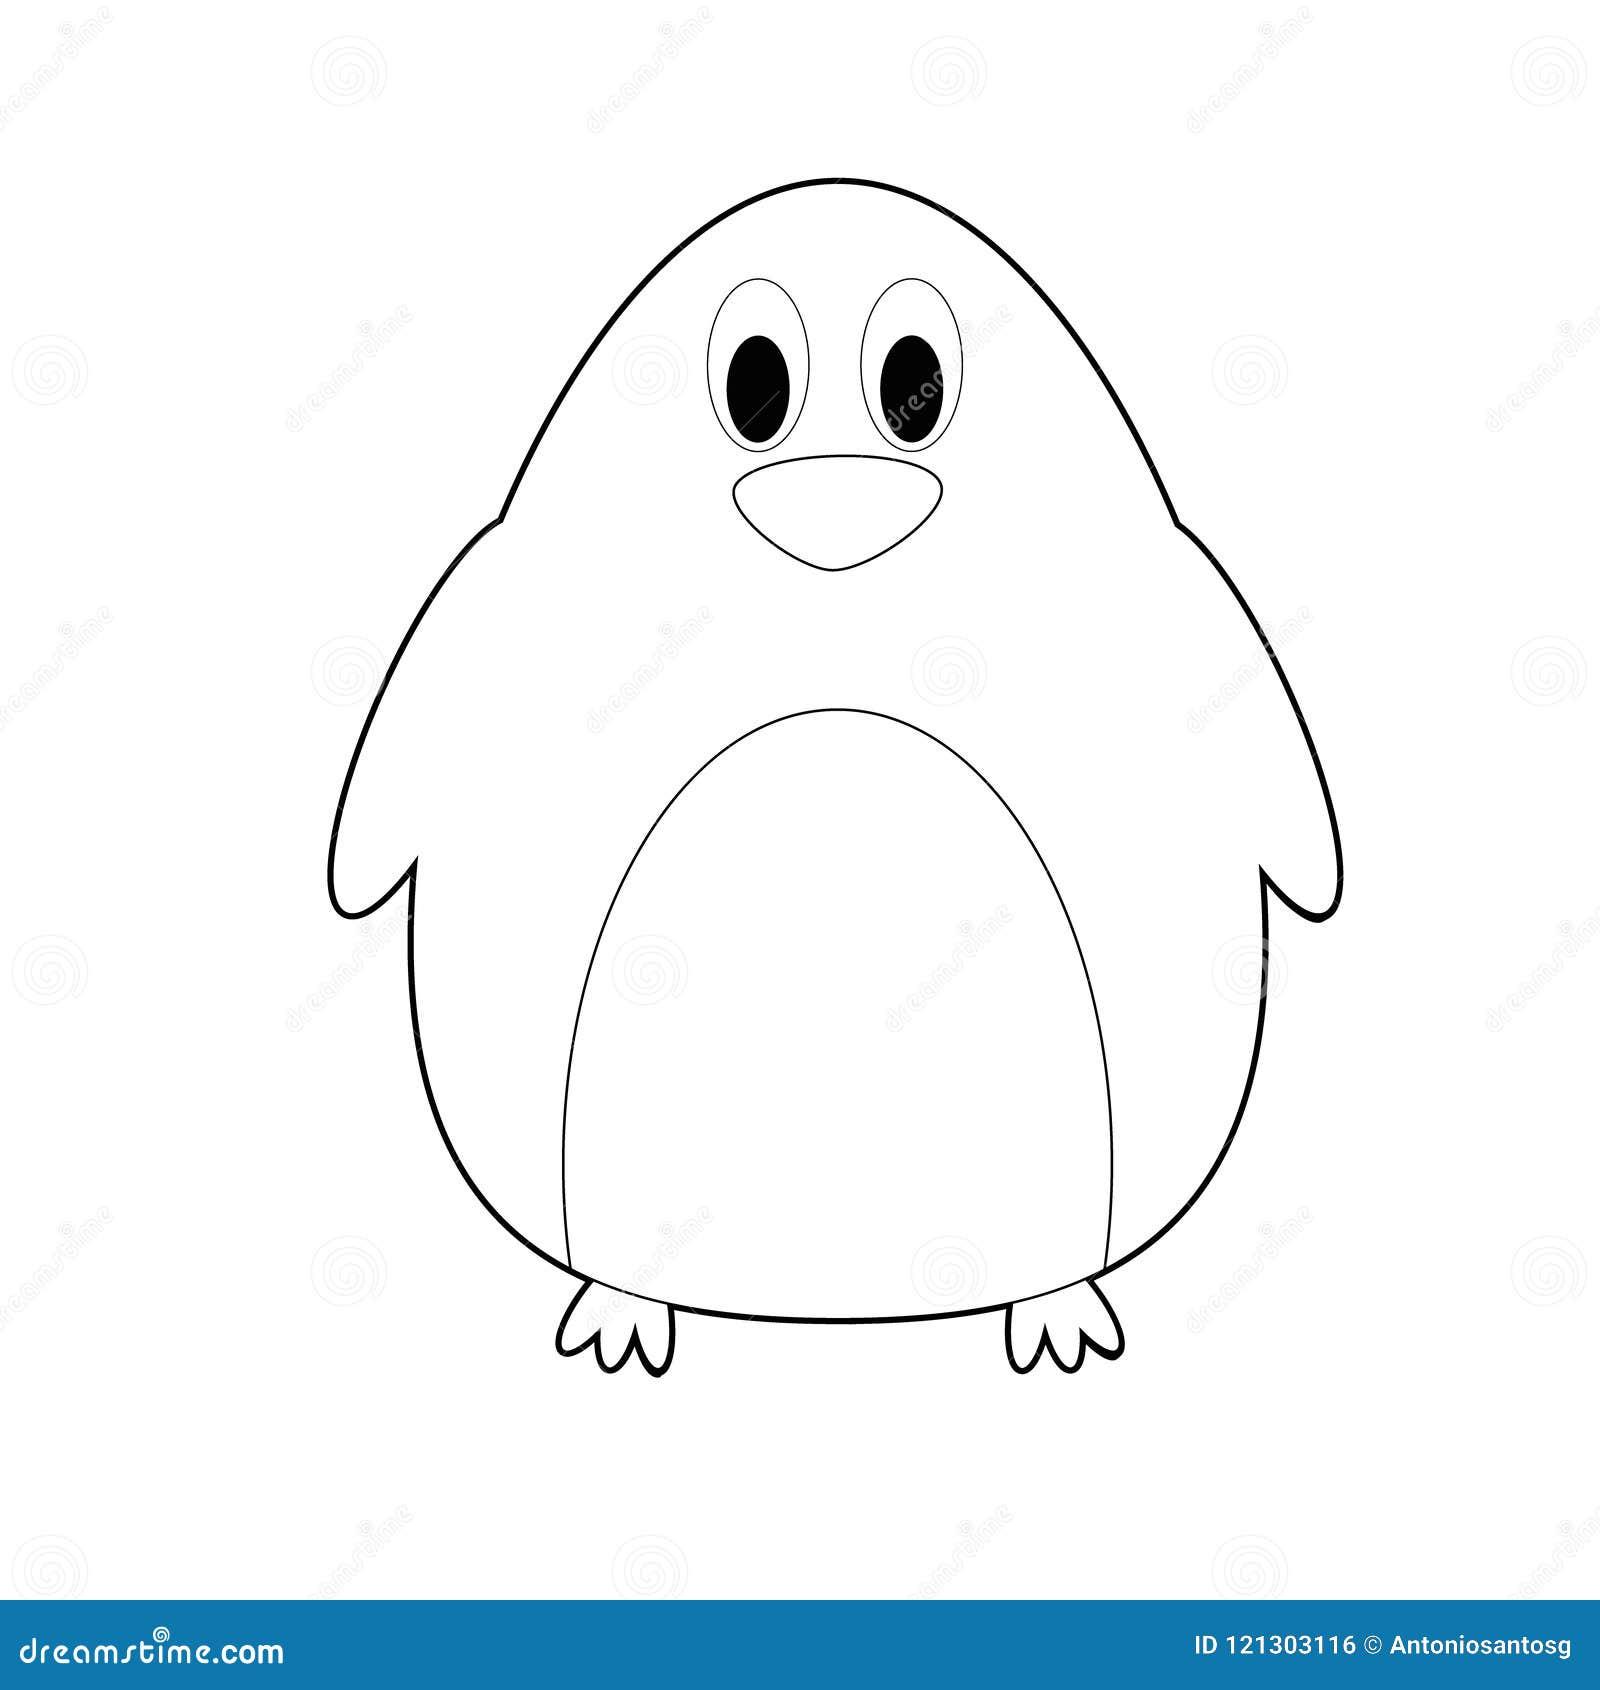 Animali Facili Di Coloritura Per I Bambini Pinguino Illustrazione